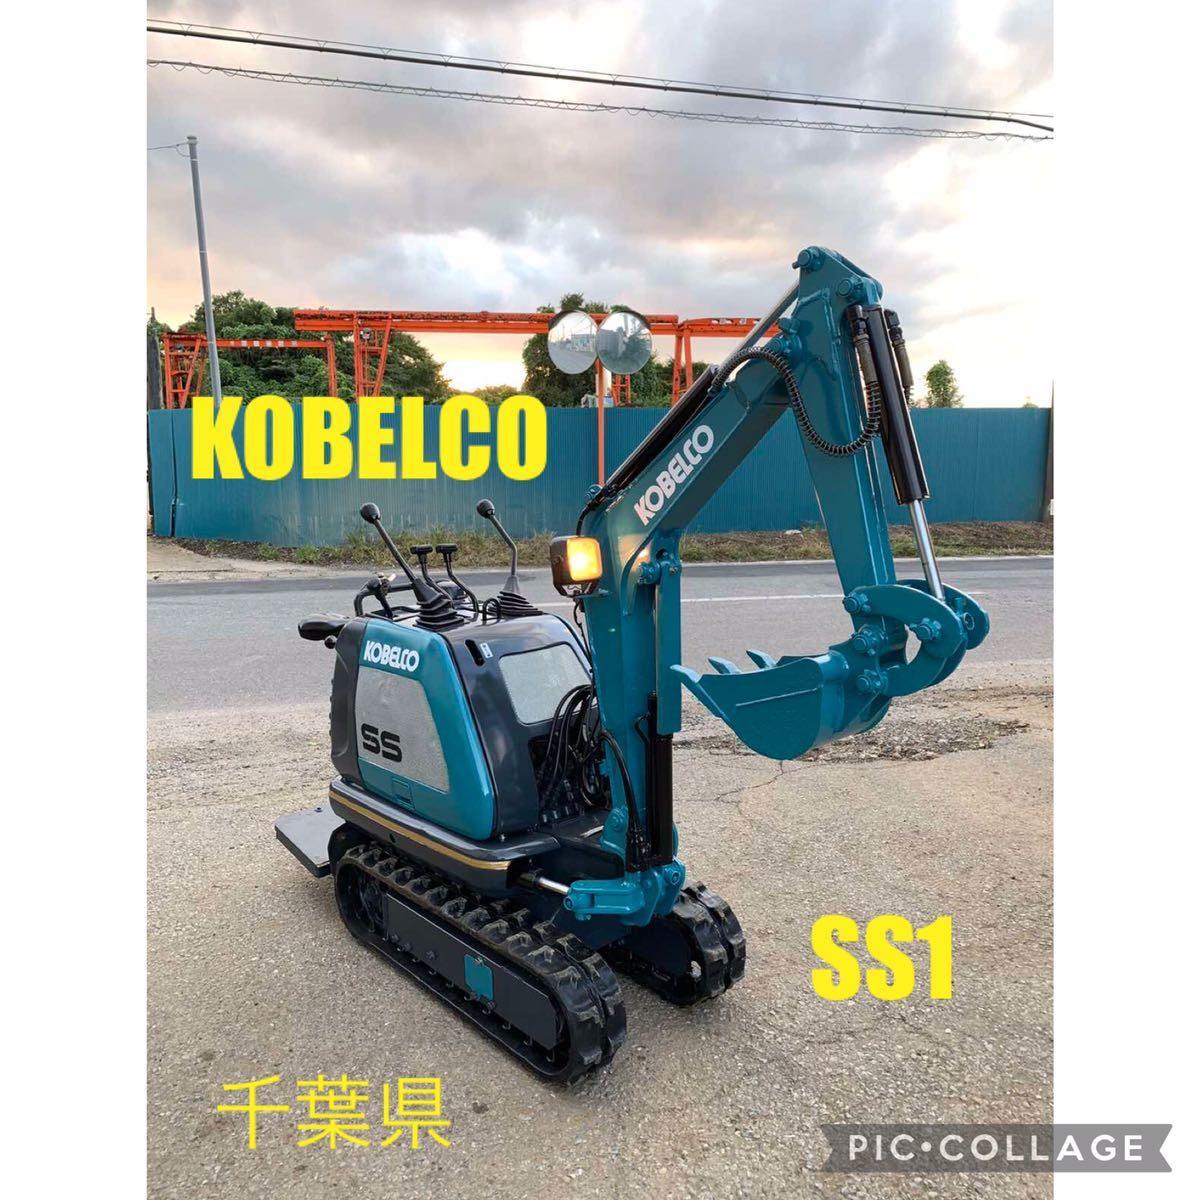 コベルコ SS1 ミニユンボ [ゴムクローラ新品] KOBELCO 中古 103時間